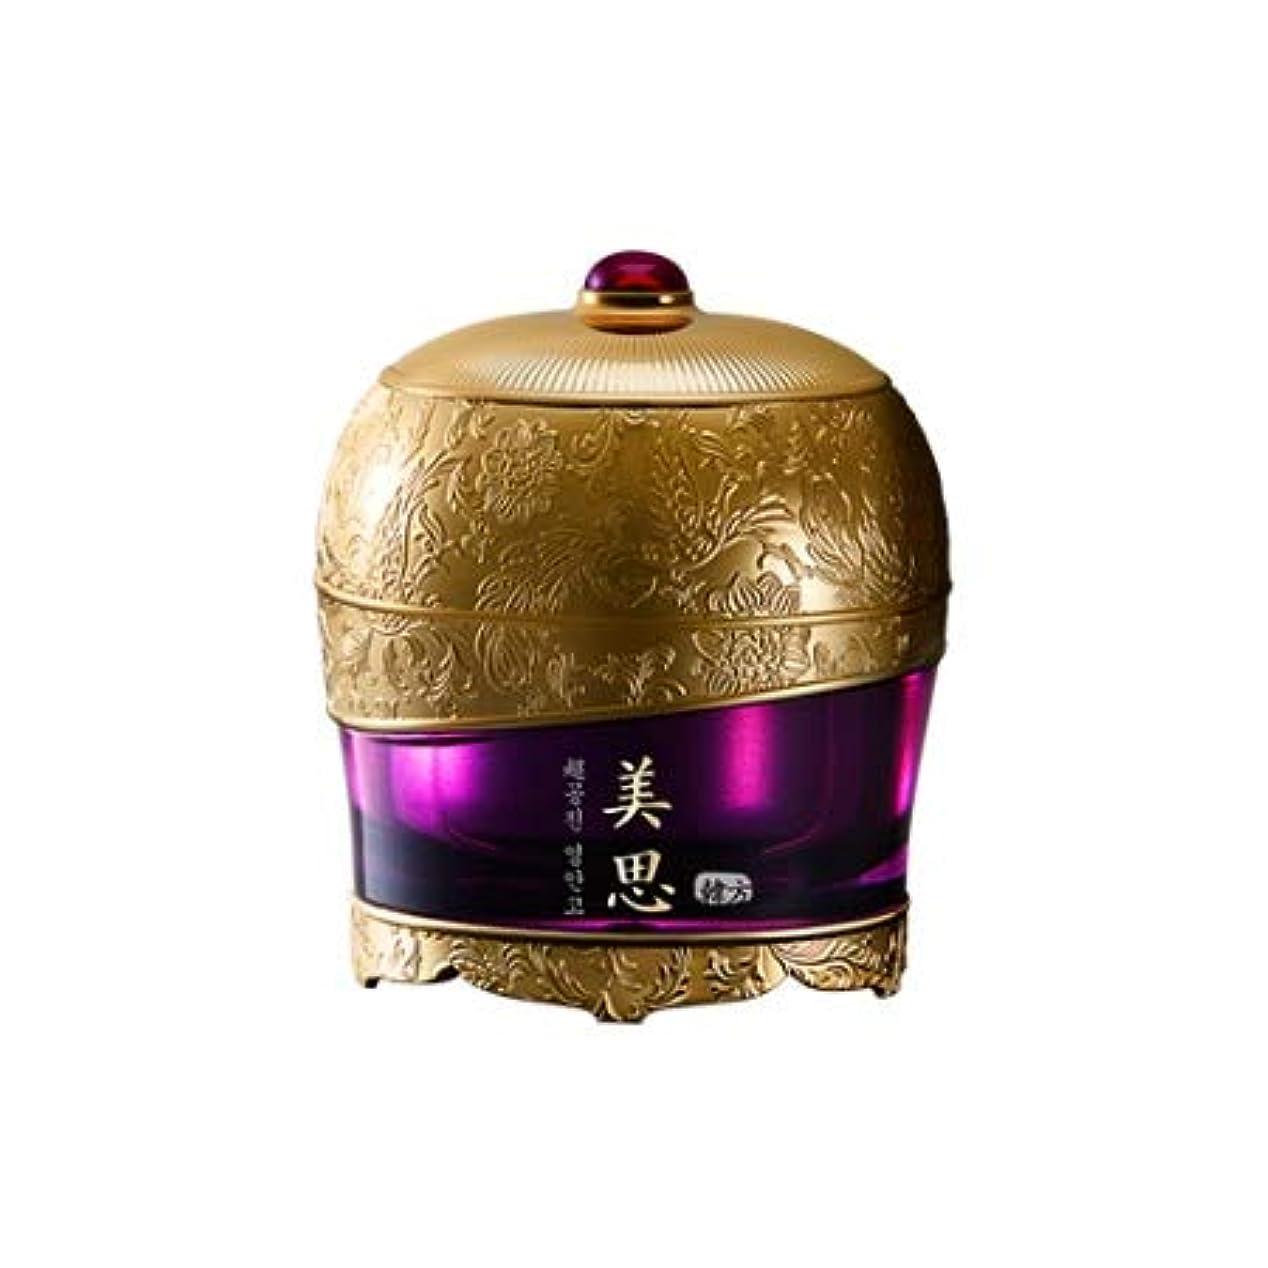 つかの間怒る滞在MISSHA Chogongjin Premium cream ミシャ美思超拱辰(チョゴンジン) 永安膏 クリーム クリーム 60ml [並行輸入品]